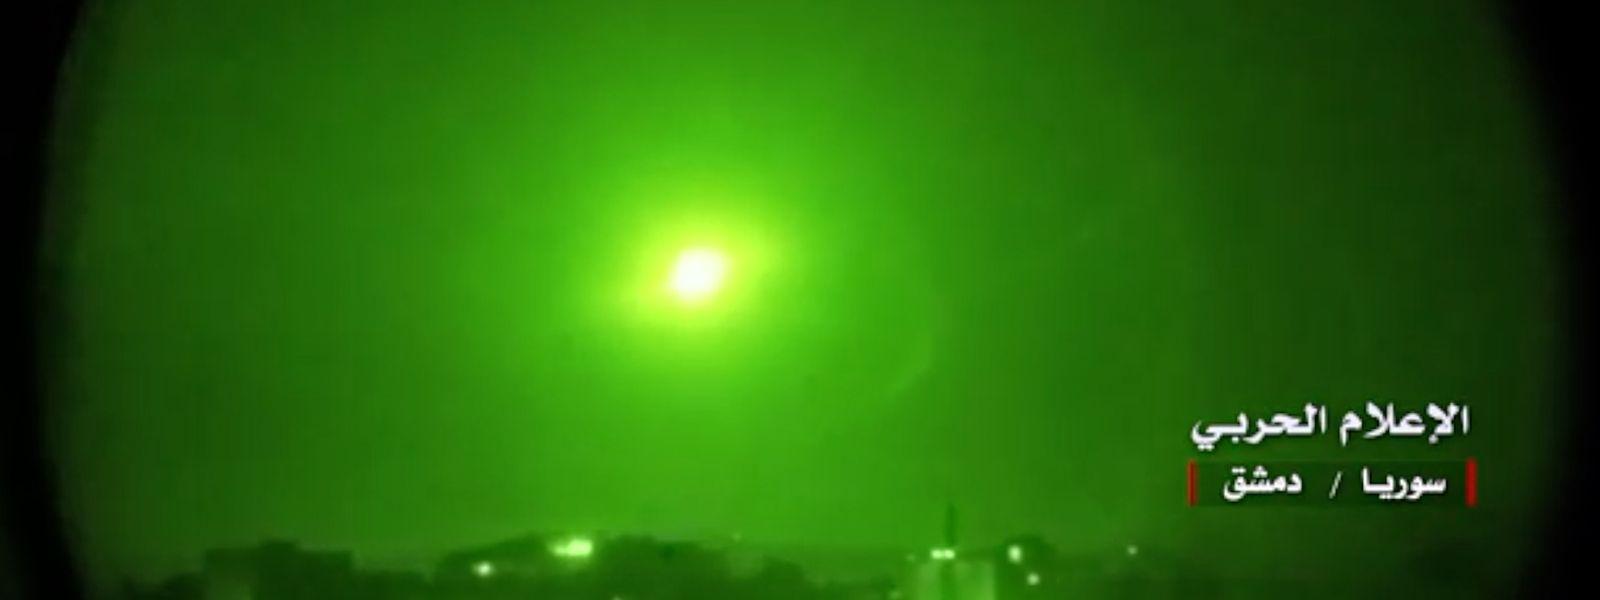 """Screenshot aus einem Video von """"Central War Media"""", das im syrischen Staatsfernsehen übertragen wurde und, dass die syrische Luftabwehr beim Abfangen israelischer Raketen zeigen soll."""